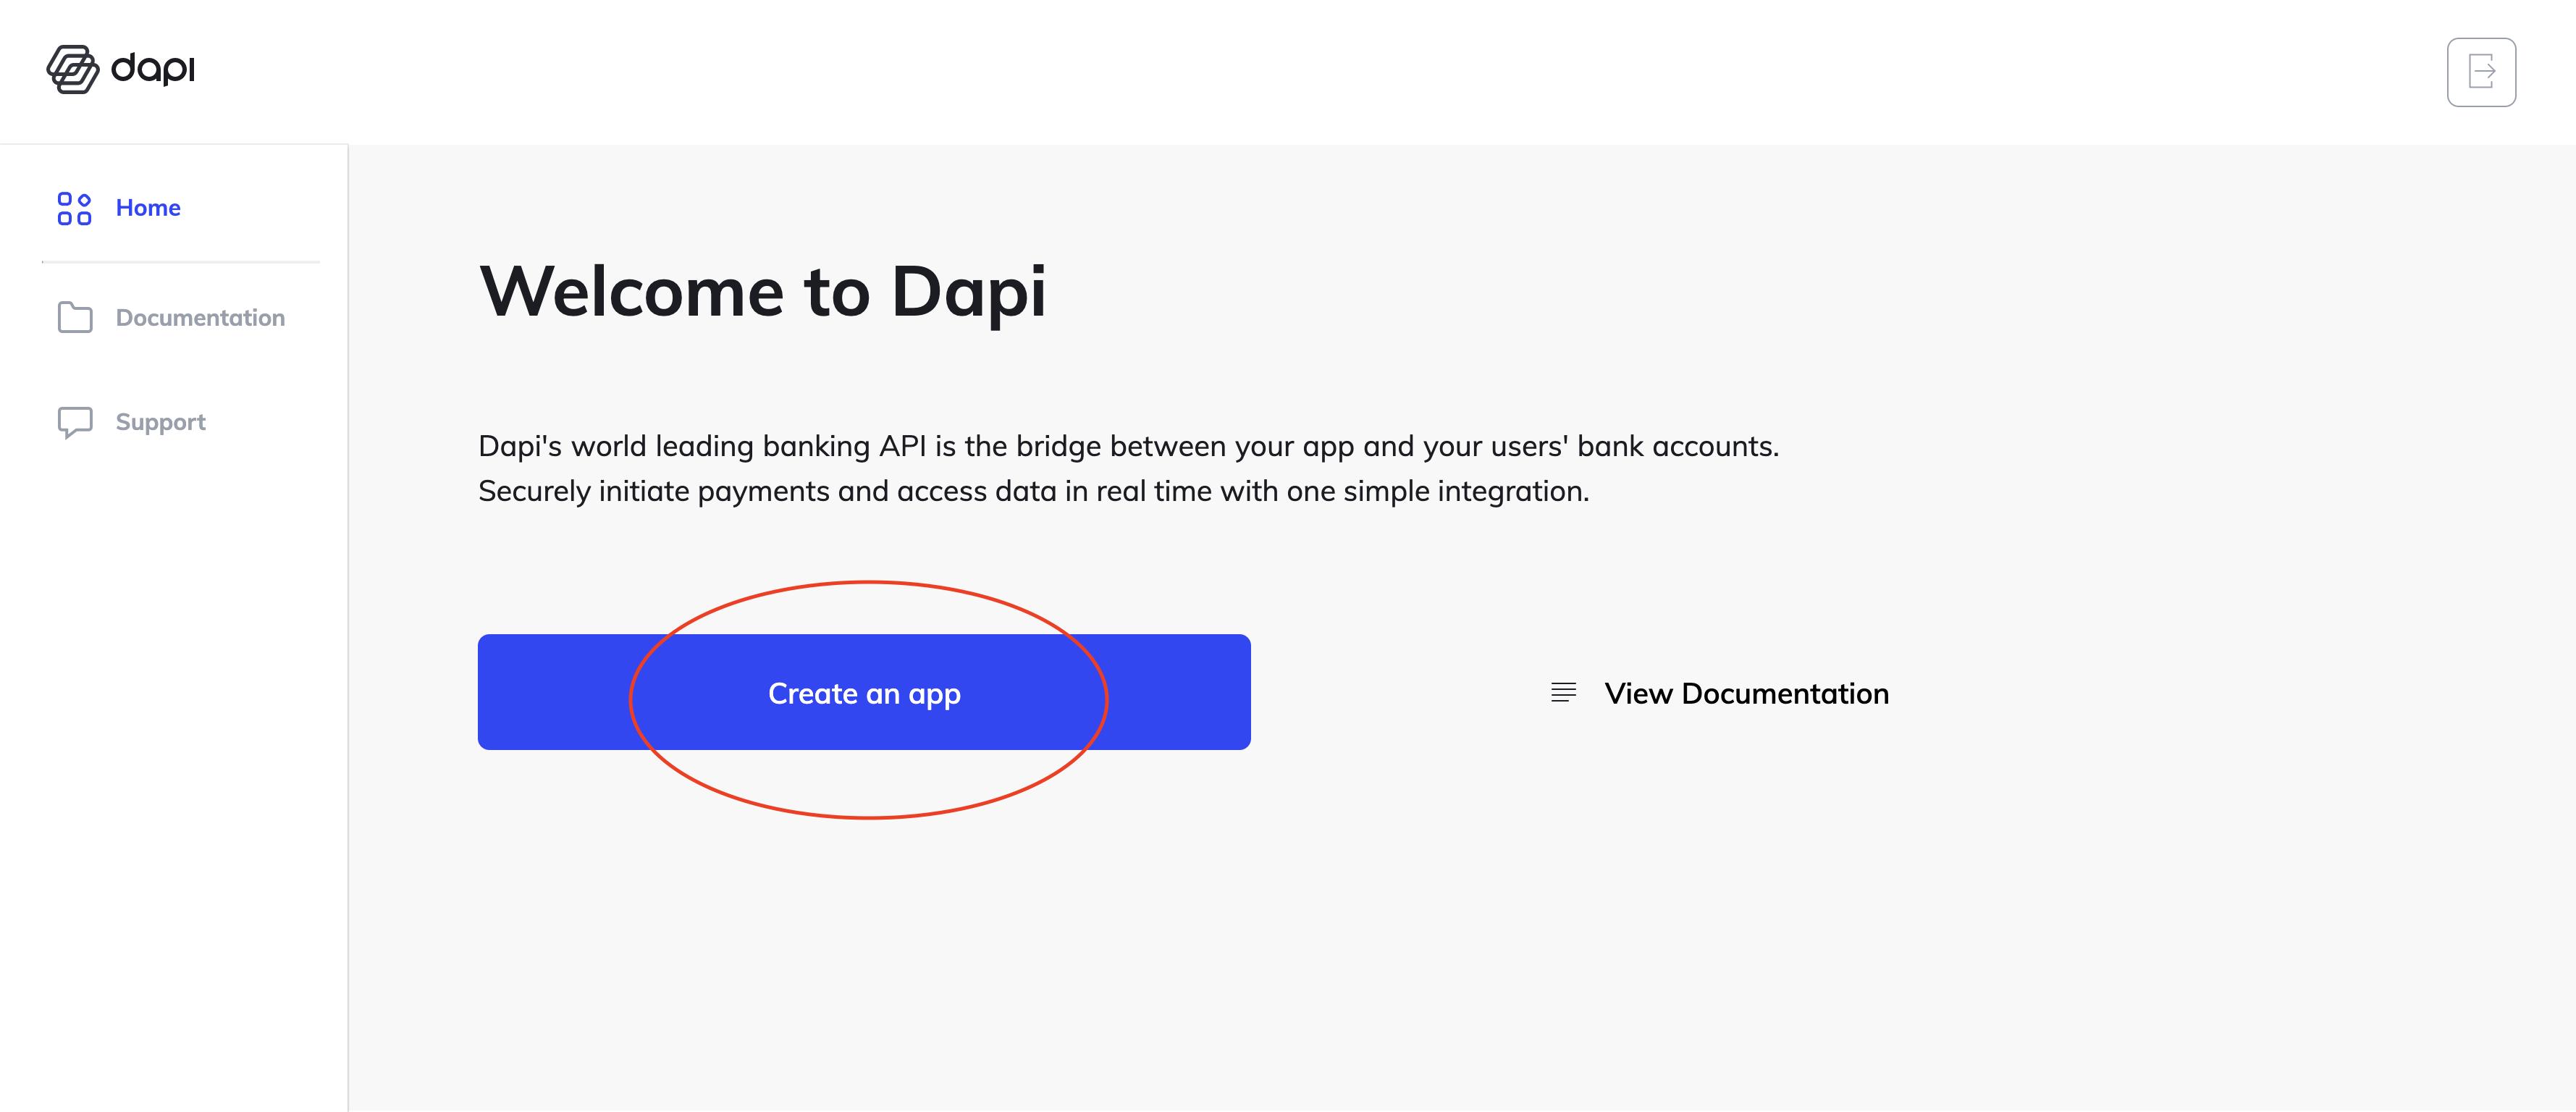 Dapi's Dashboard Screen